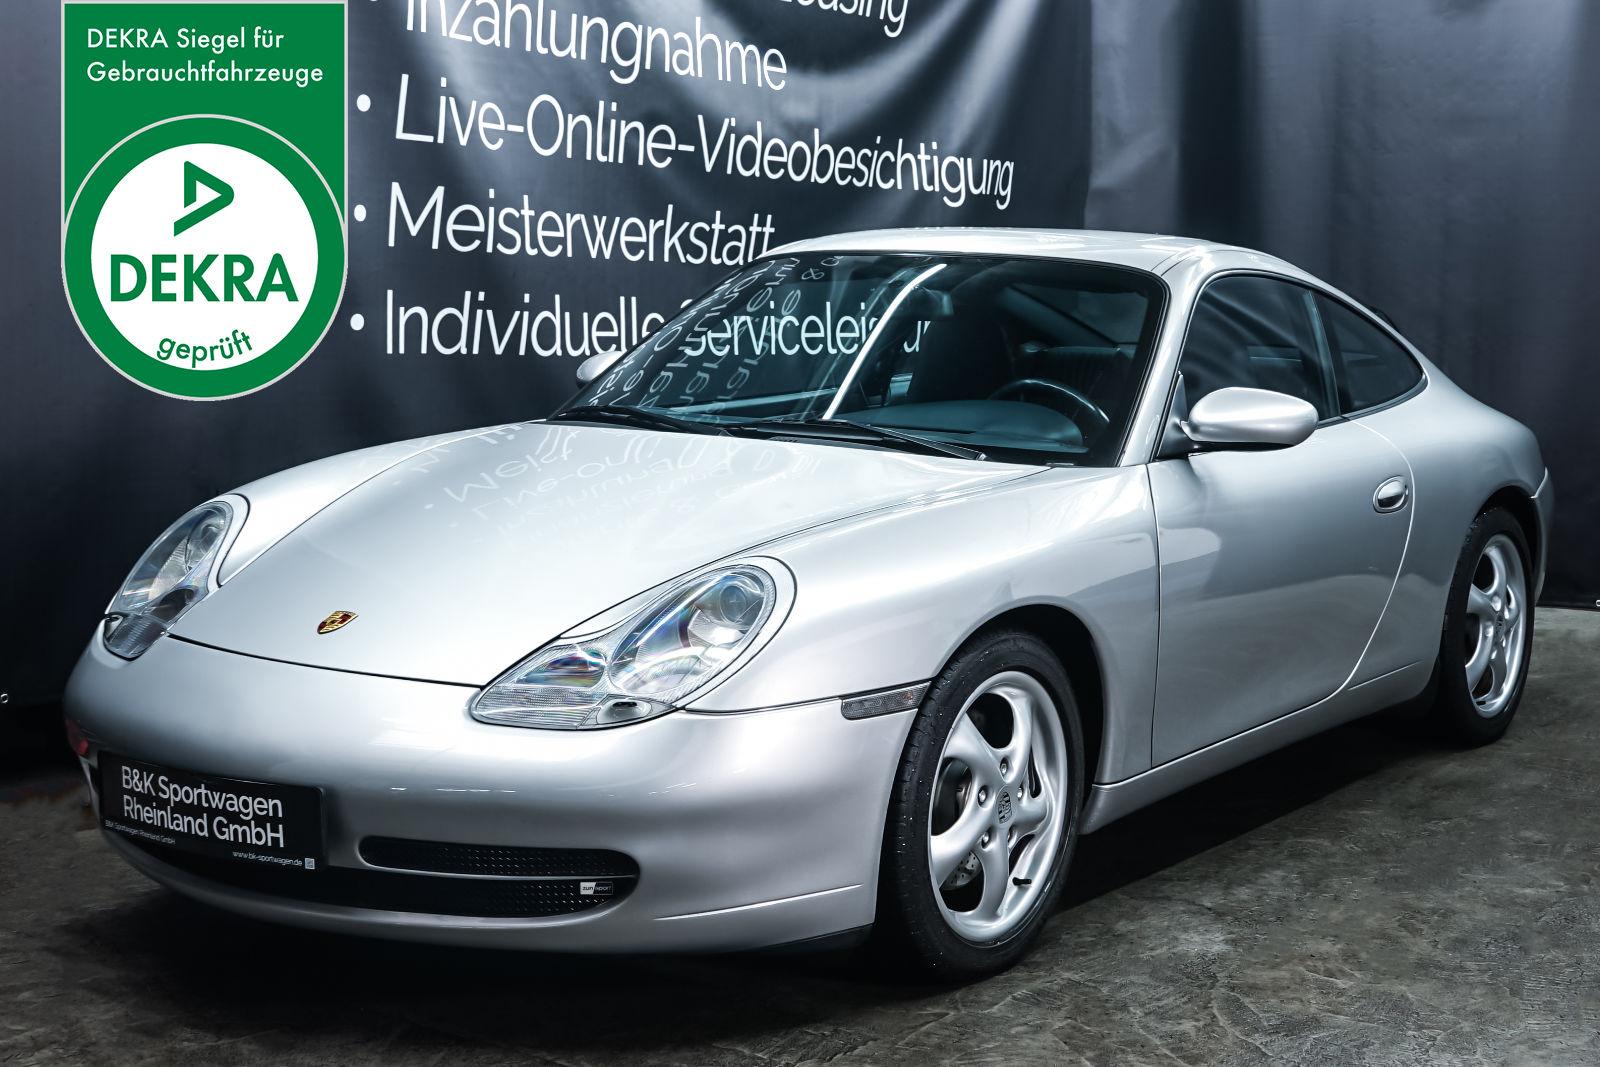 Porsche_996_Carrera_Silber_Dunkelblau_POR-0784_Plakette_w